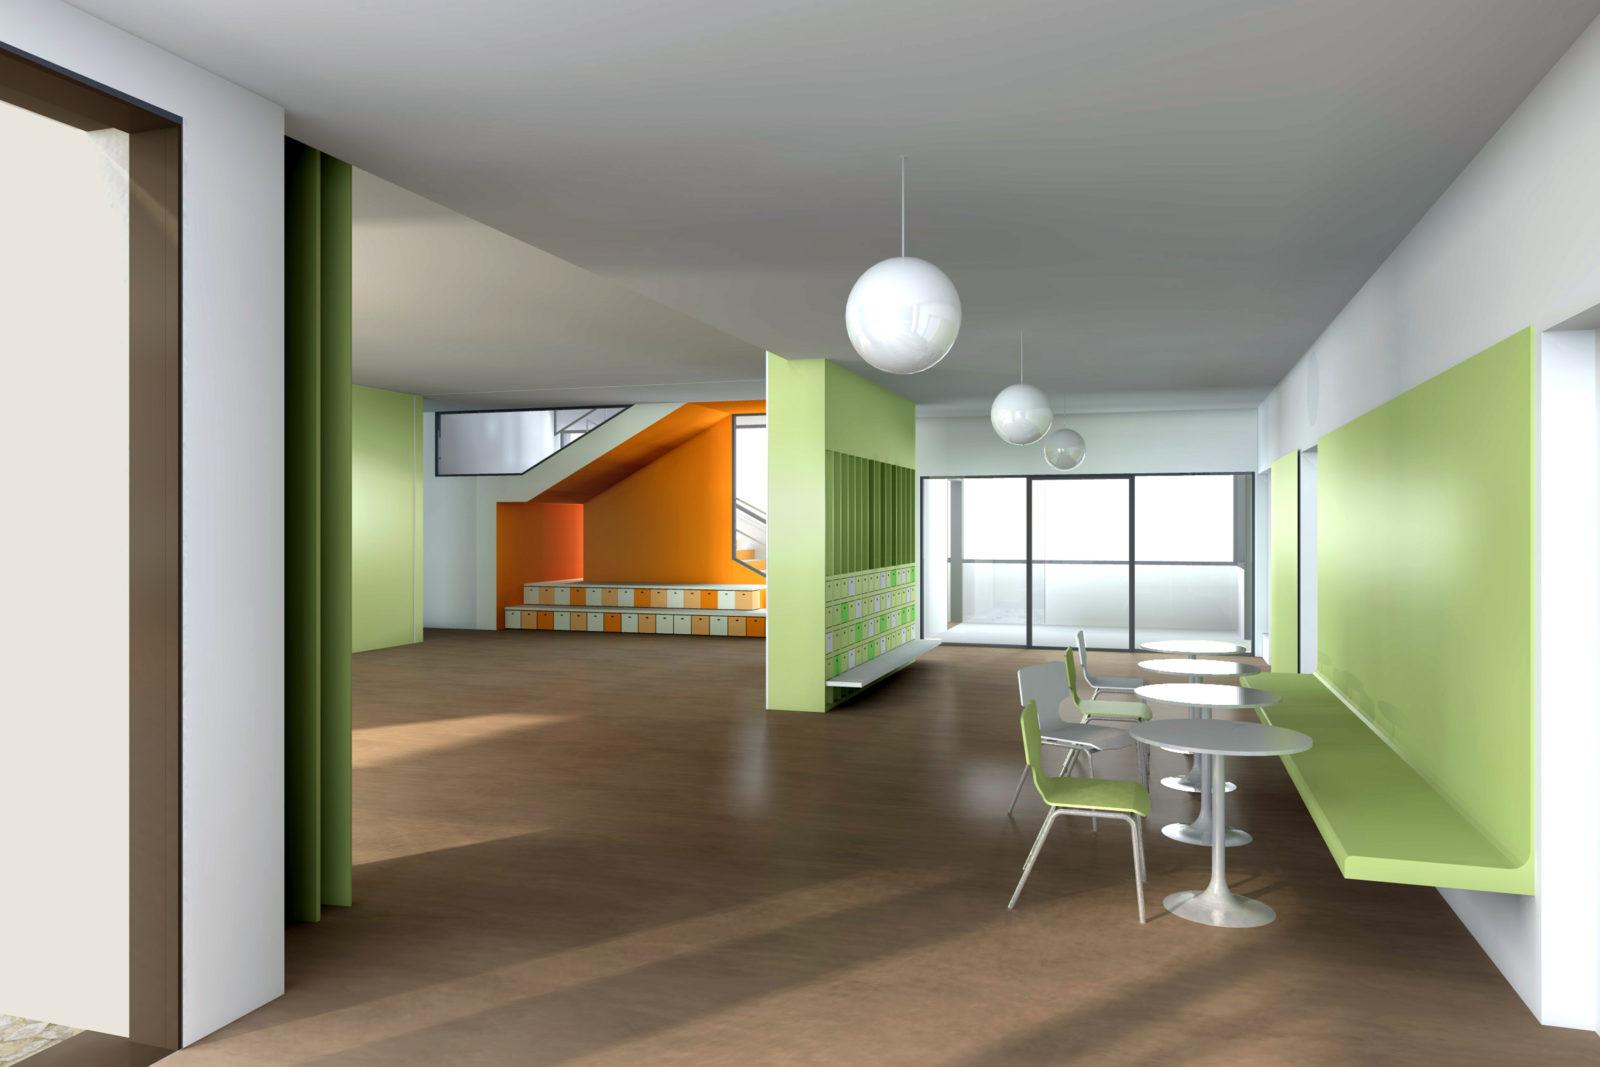 Neubau Kita Blumenstraße in Leipzig, Gohlis - Blick in Foyer und Mehrzweckraum